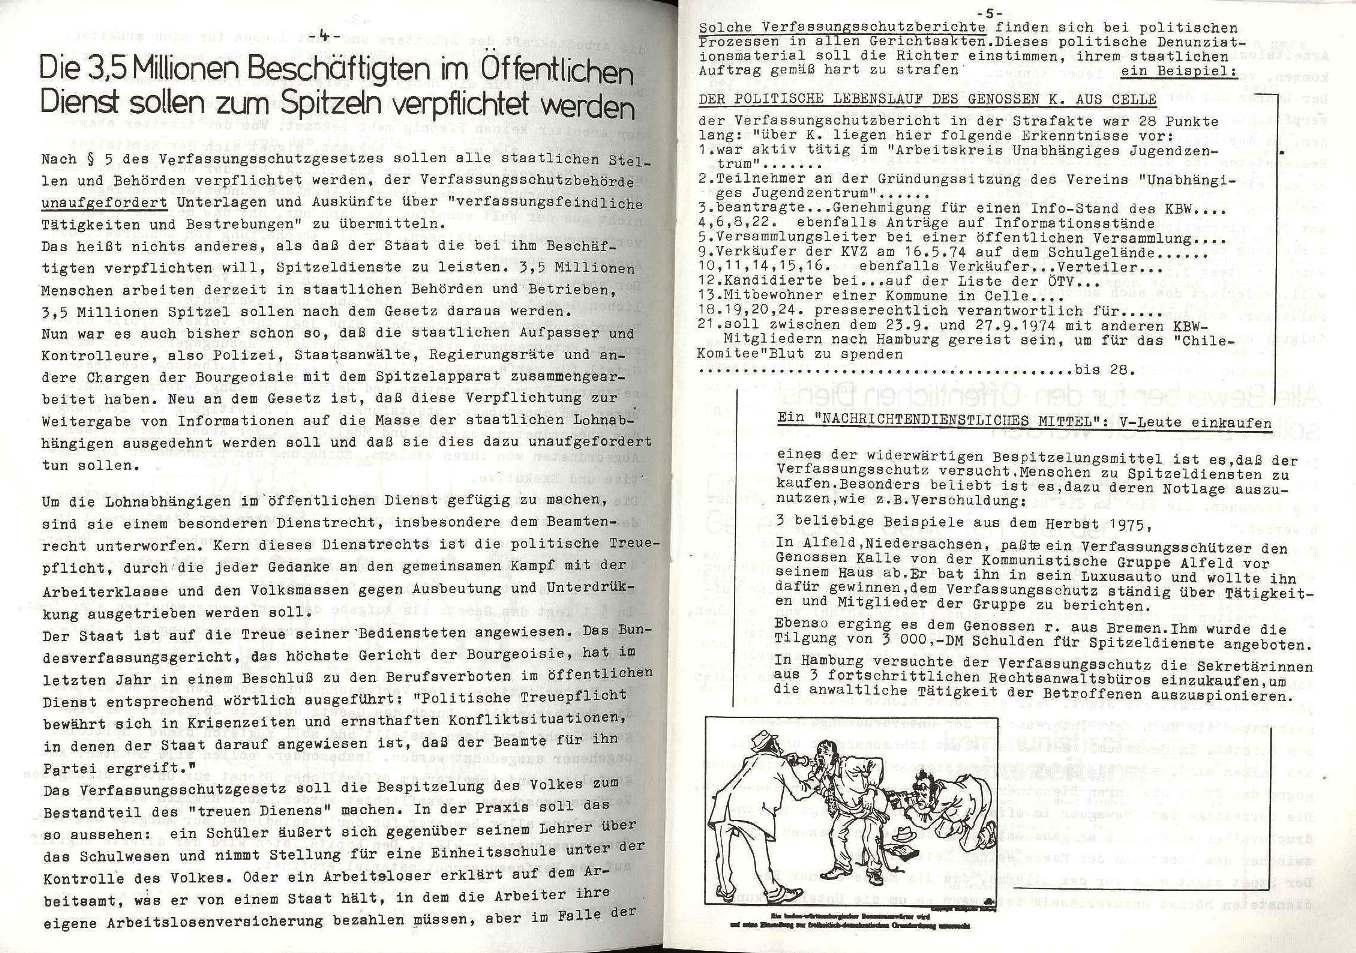 Hannover_Verfassungsschutzgesetz004